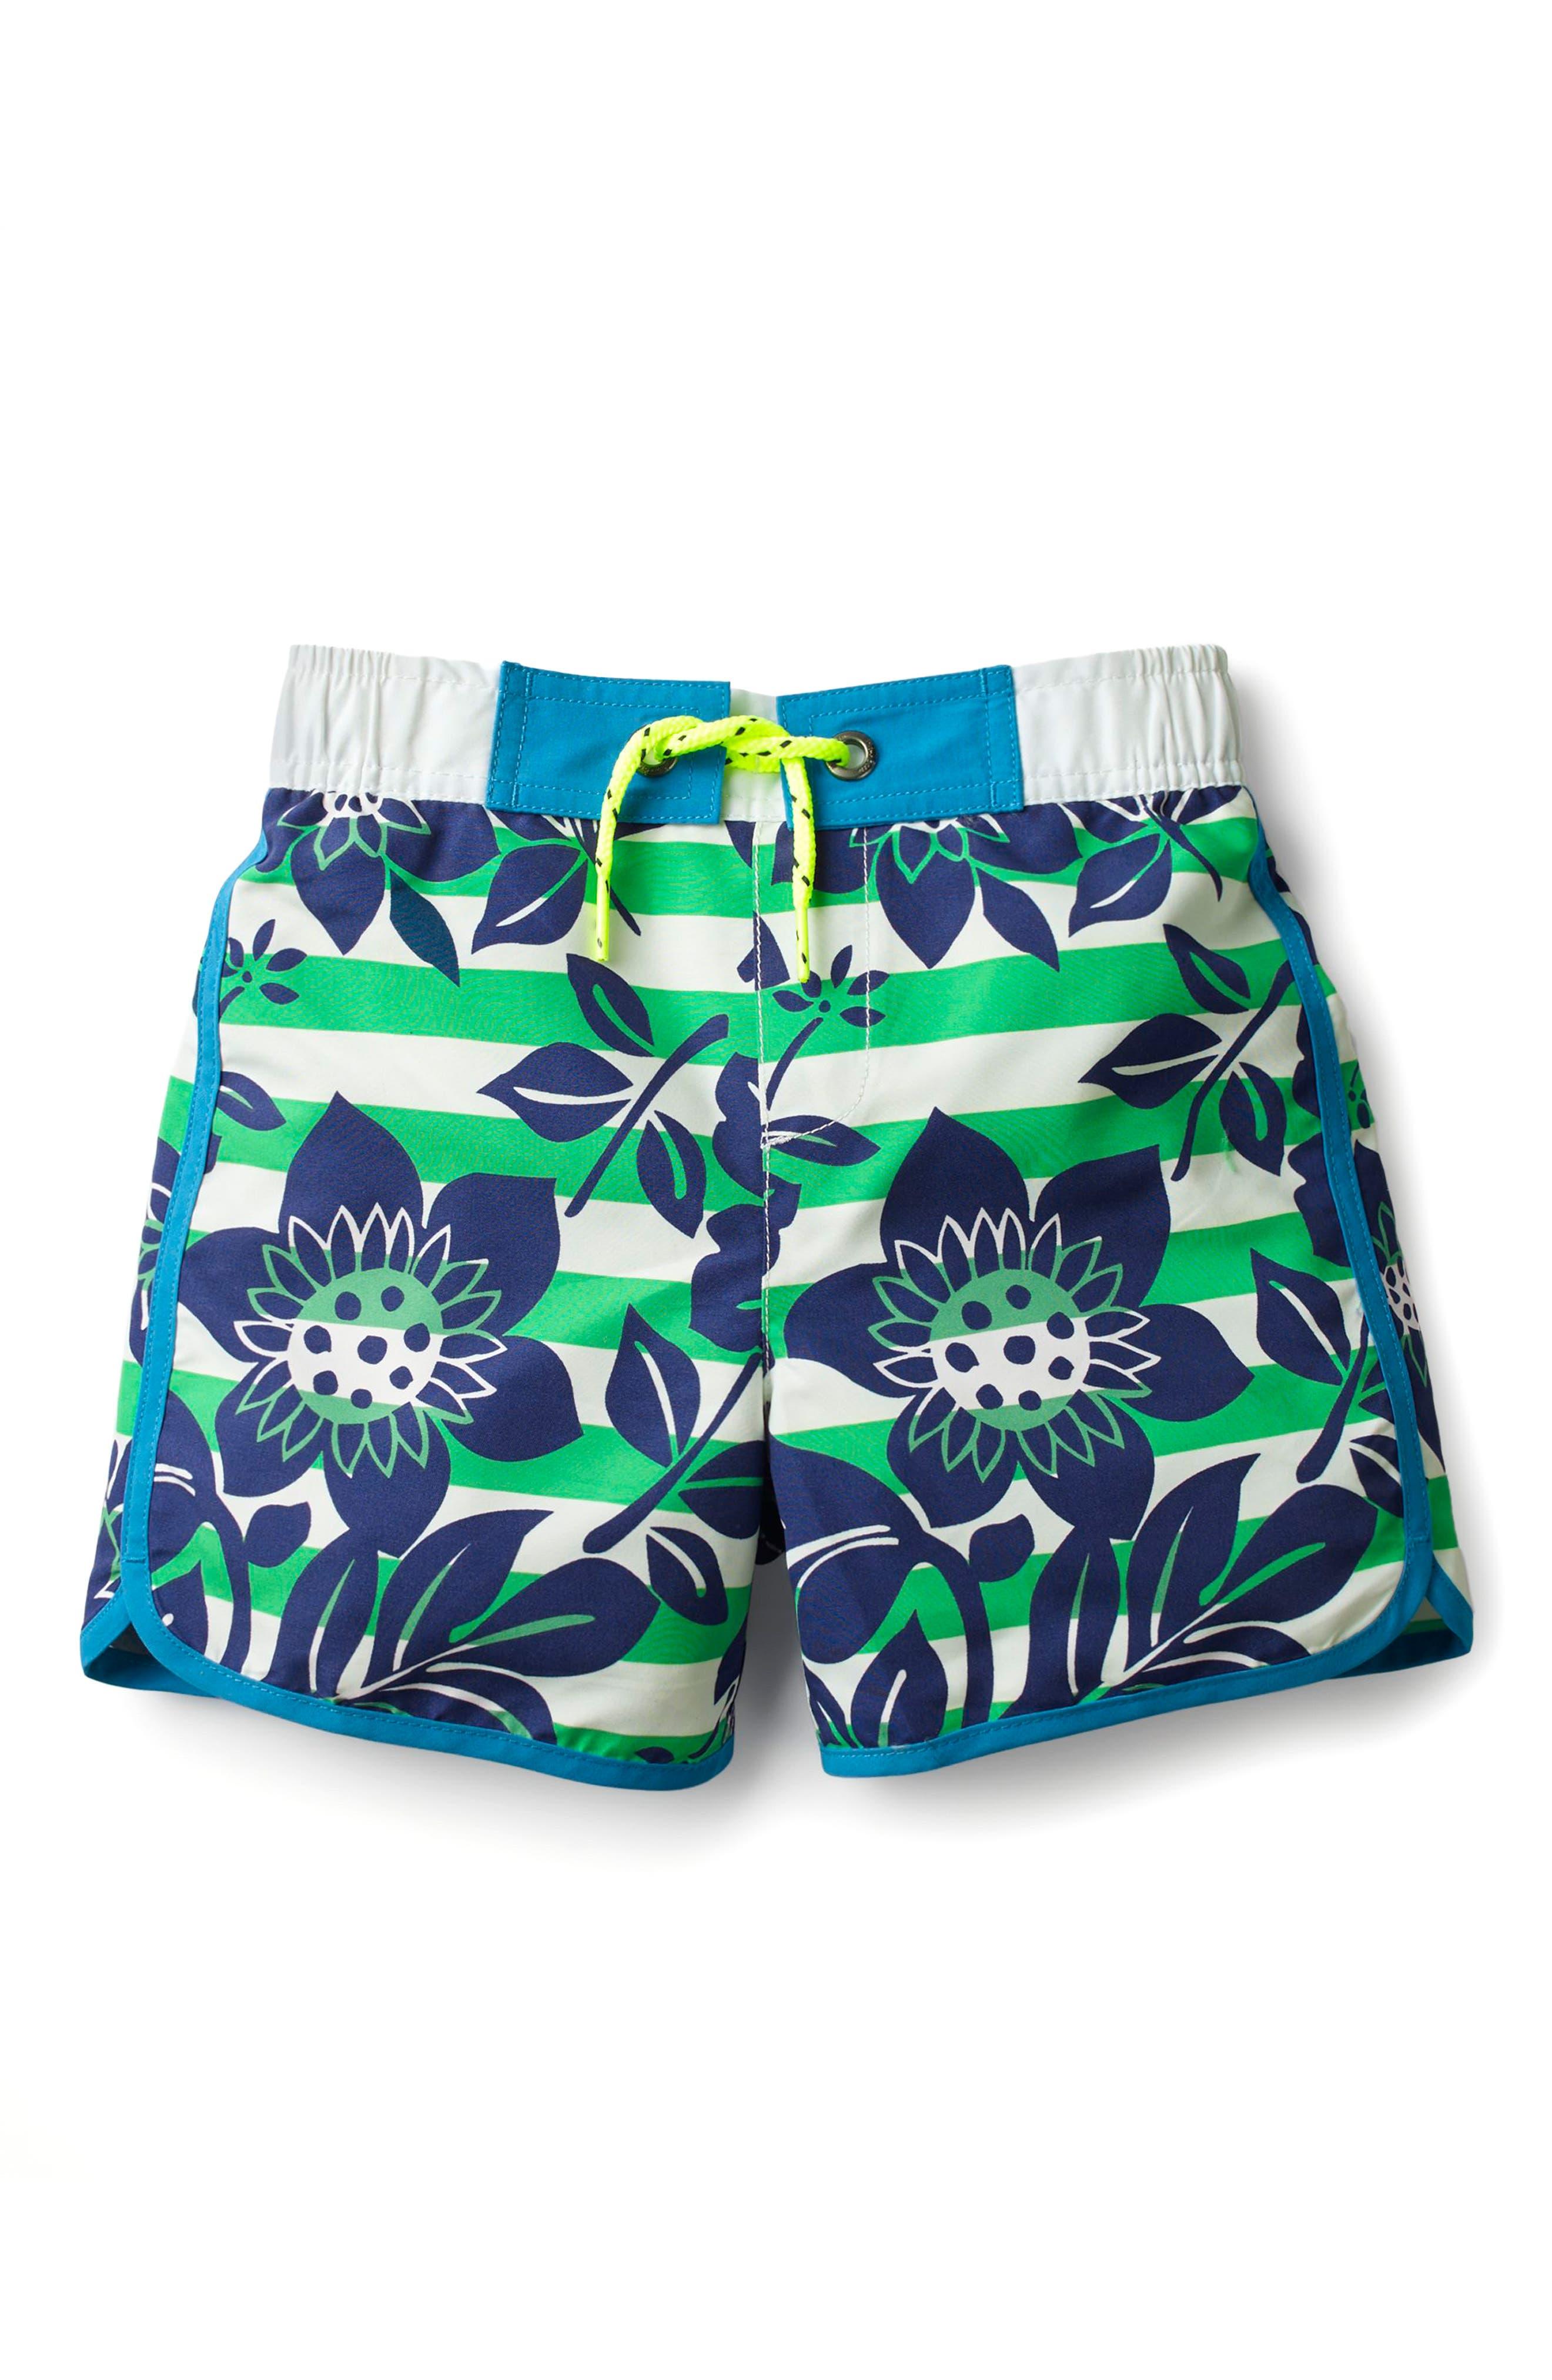 Hawaiian Print Board Shorts,                             Main thumbnail 1, color,                             Astro Green/ Ecru Hawaiian